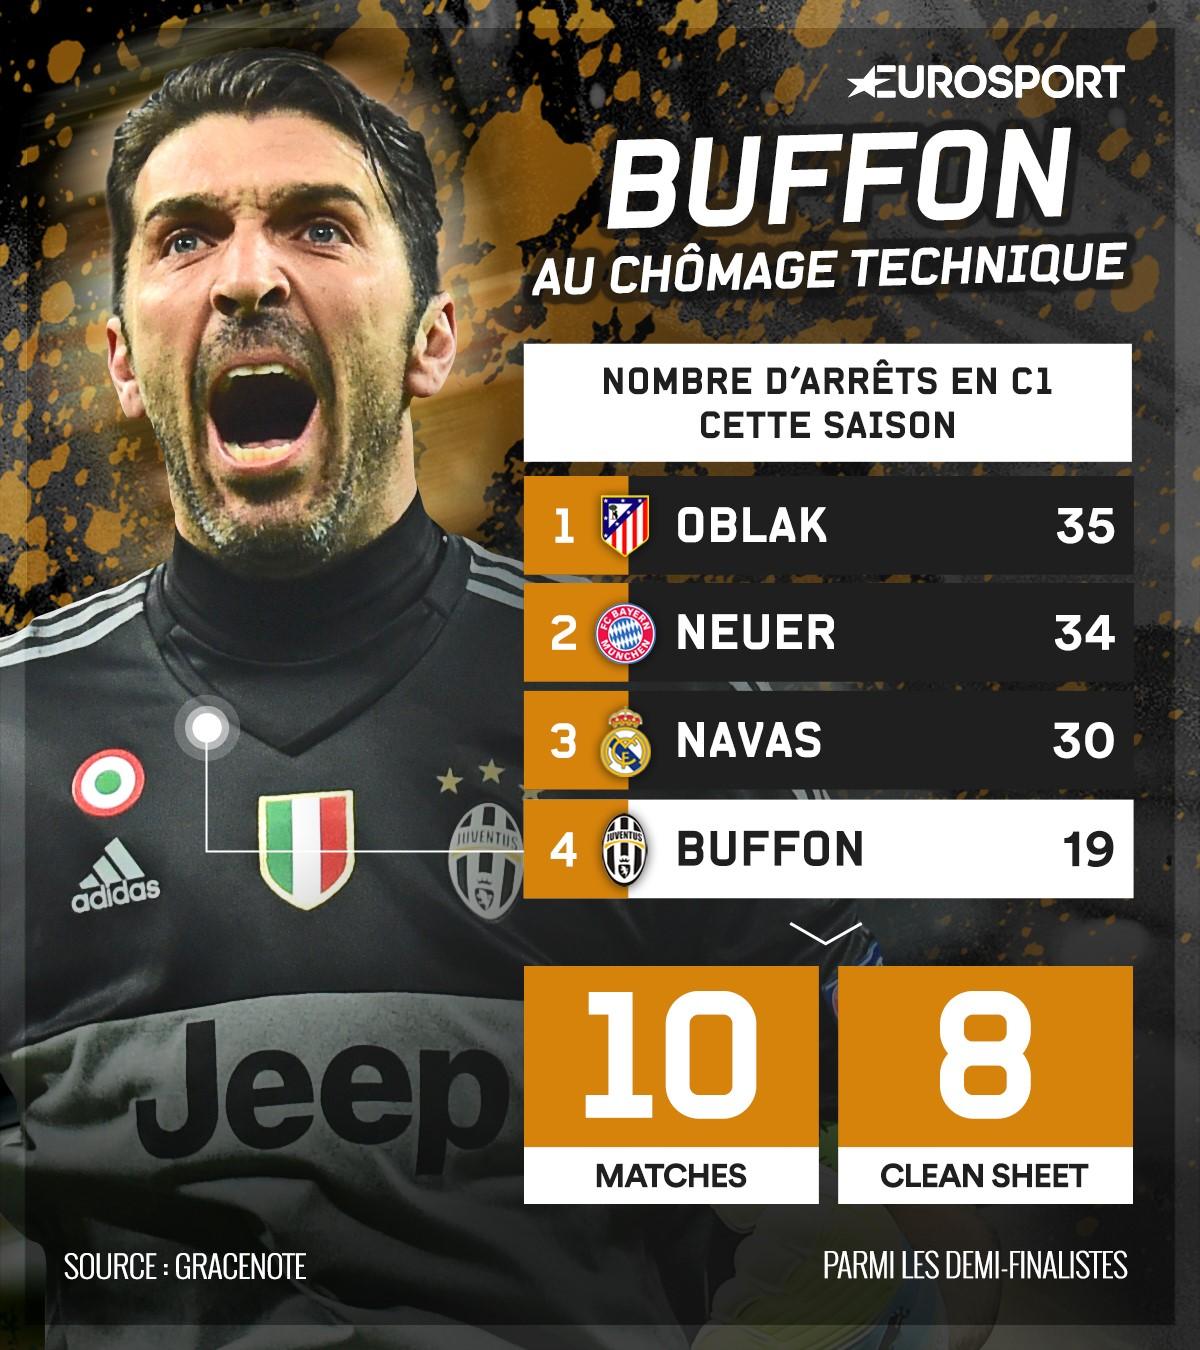 Buffon au chômage technique